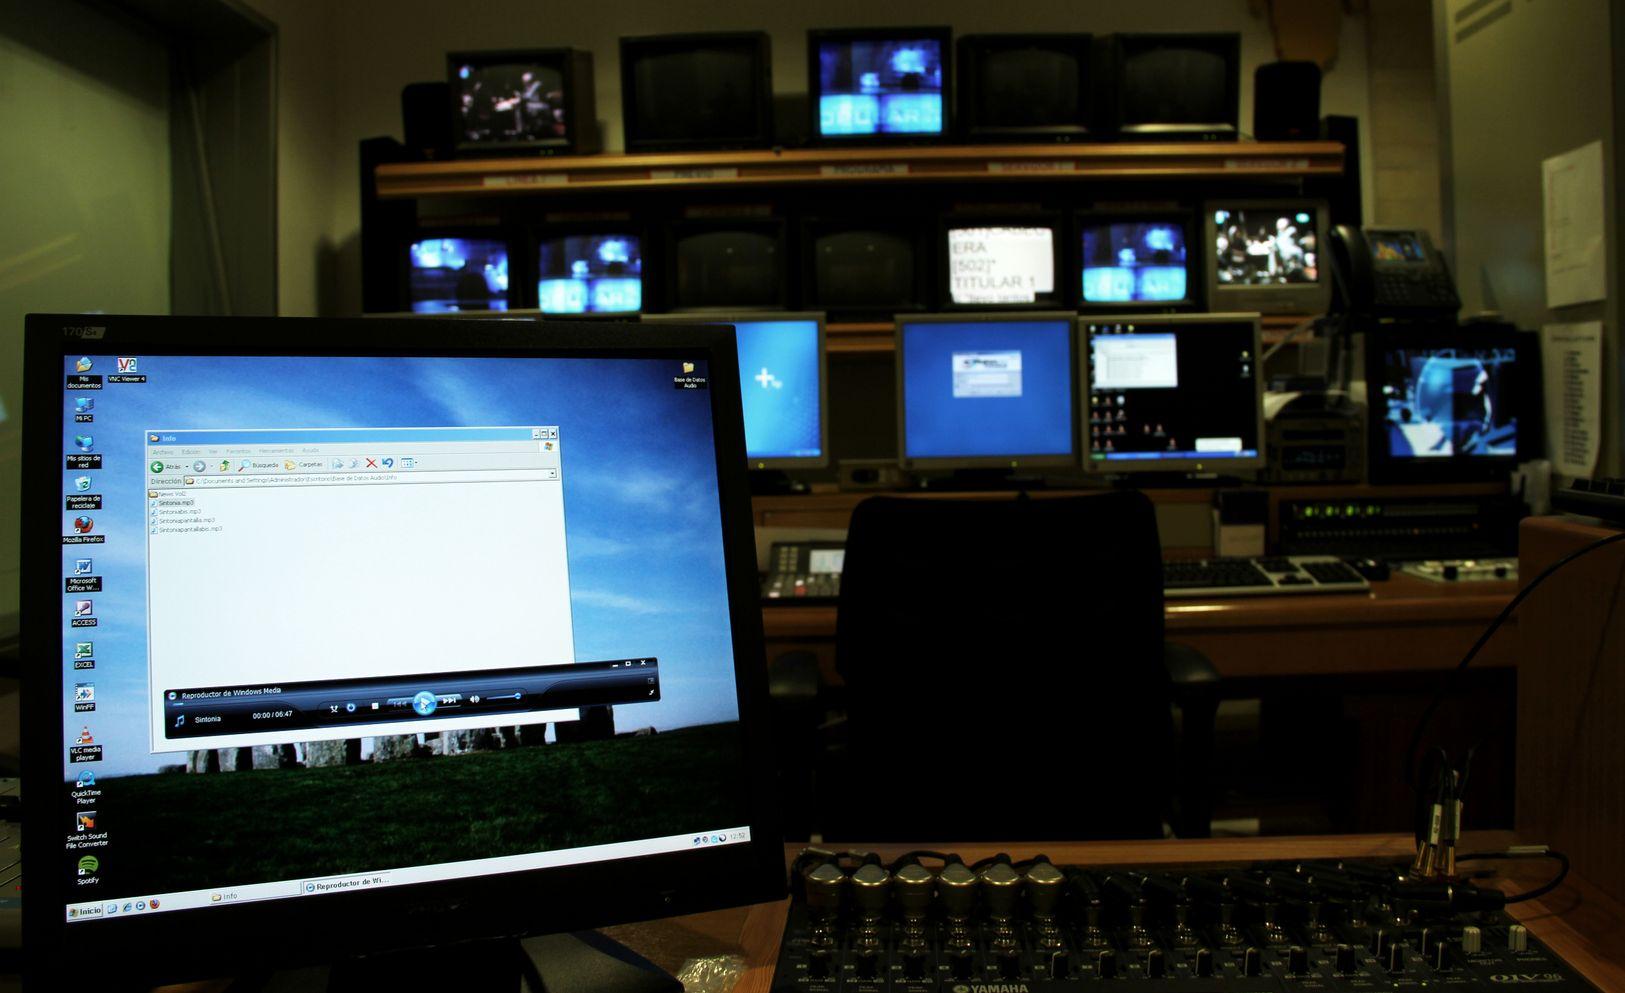 Ordinadore televisores Popular TV_result.jpg